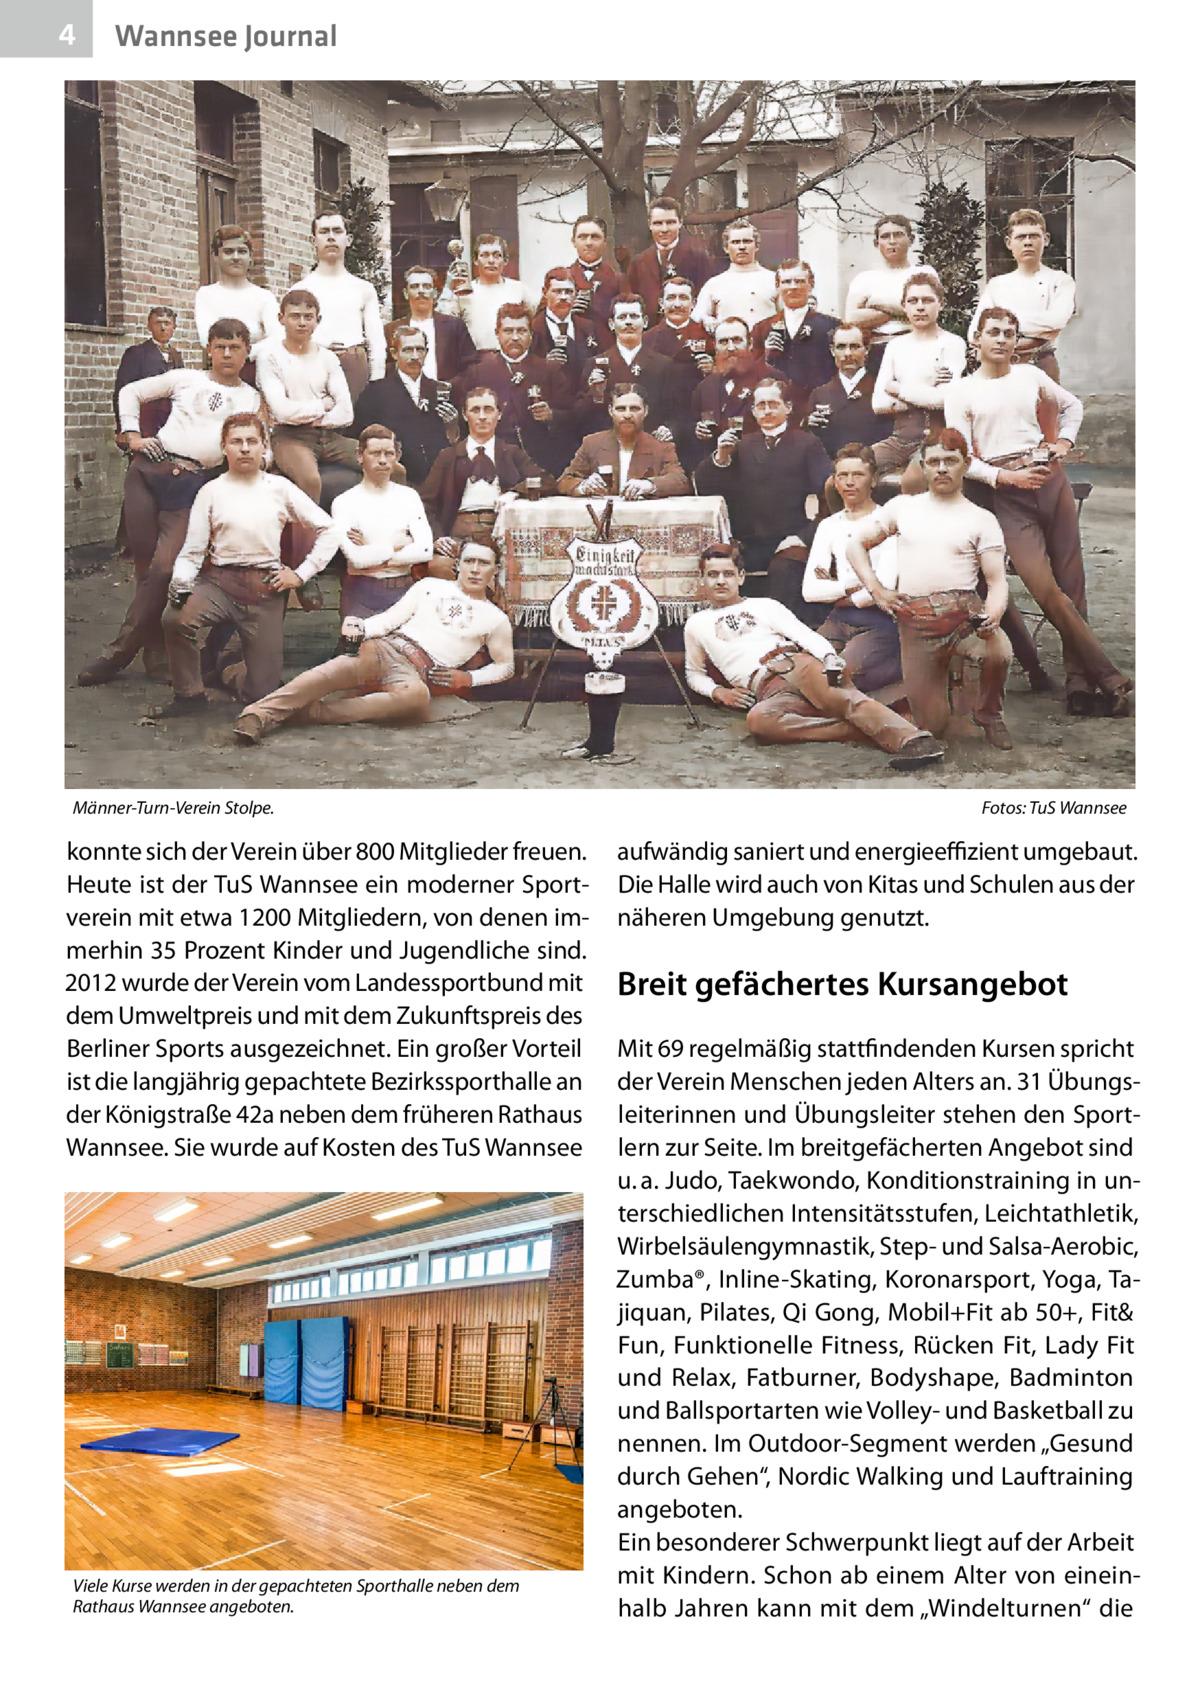 """4  Wannsee Journal  Männer-Turn-Verein Stolpe.�  konnte sich der Verein über 800Mitglieder freuen. Heute ist der TuS Wannsee ein moderner Sportverein mit etwa 1200Mitgliedern, von denen immerhin 35Prozent Kinder und Jugendliche sind. 2012 wurde der Verein vom Landessportbund mit dem Umweltpreis und mit dem Zukunftspreis des Berliner Sports ausgezeichnet. Ein großer Vorteil ist die langjährig gepachtete Bezirkssporthalle an der Königstraße42a neben dem früheren Rathaus Wannsee. Sie wurde auf Kosten des TuS Wannsee  Viele Kurse werden in der gepachteten Sporthalle neben dem Rathaus Wannsee angeboten.  Fotos: TuS Wannsee  aufwändig saniert und energieeffizient umgebaut. Die Halle wird auch von Kitas und Schulen aus der näheren Umgebung genutzt.  Breit gefächertes Kursangebot Mit 69 regelmäßig stattfindenden Kursen spricht der Verein Menschen jeden Alters an. 31Übungsleiterinnen und Übungsleiter stehen den Sportlern zur Seite. Im breitgefächerten Angebot sind u.a. Judo, Taekwondo, Konditionstraining in unterschiedlichen Intensitätsstufen, Leichtathletik, Wirbelsäulengymnastik, Step- und Salsa-Aerobic, Zumba®, Inline-Skating, Koronarsport, Yoga, Tajiquan, Pilates, Qi Gong, Mobil+Fit ab 50+, Fit& Fun, Funktionelle Fitness, Rücken Fit, Lady Fit und Relax, Fatburner, Bodyshape, Badminton und Ballsportarten wie Volley- und Basketball zu nennen. Im Outdoor-Segment werden """"Gesund durch Gehen"""", Nordic Walking und Lauftraining angeboten. Ein besonderer Schwerpunkt liegt auf der Arbeit mit Kindern. Schon ab einem Alter von eineinhalb Jahren kann mit dem """"Windelturnen"""" die"""